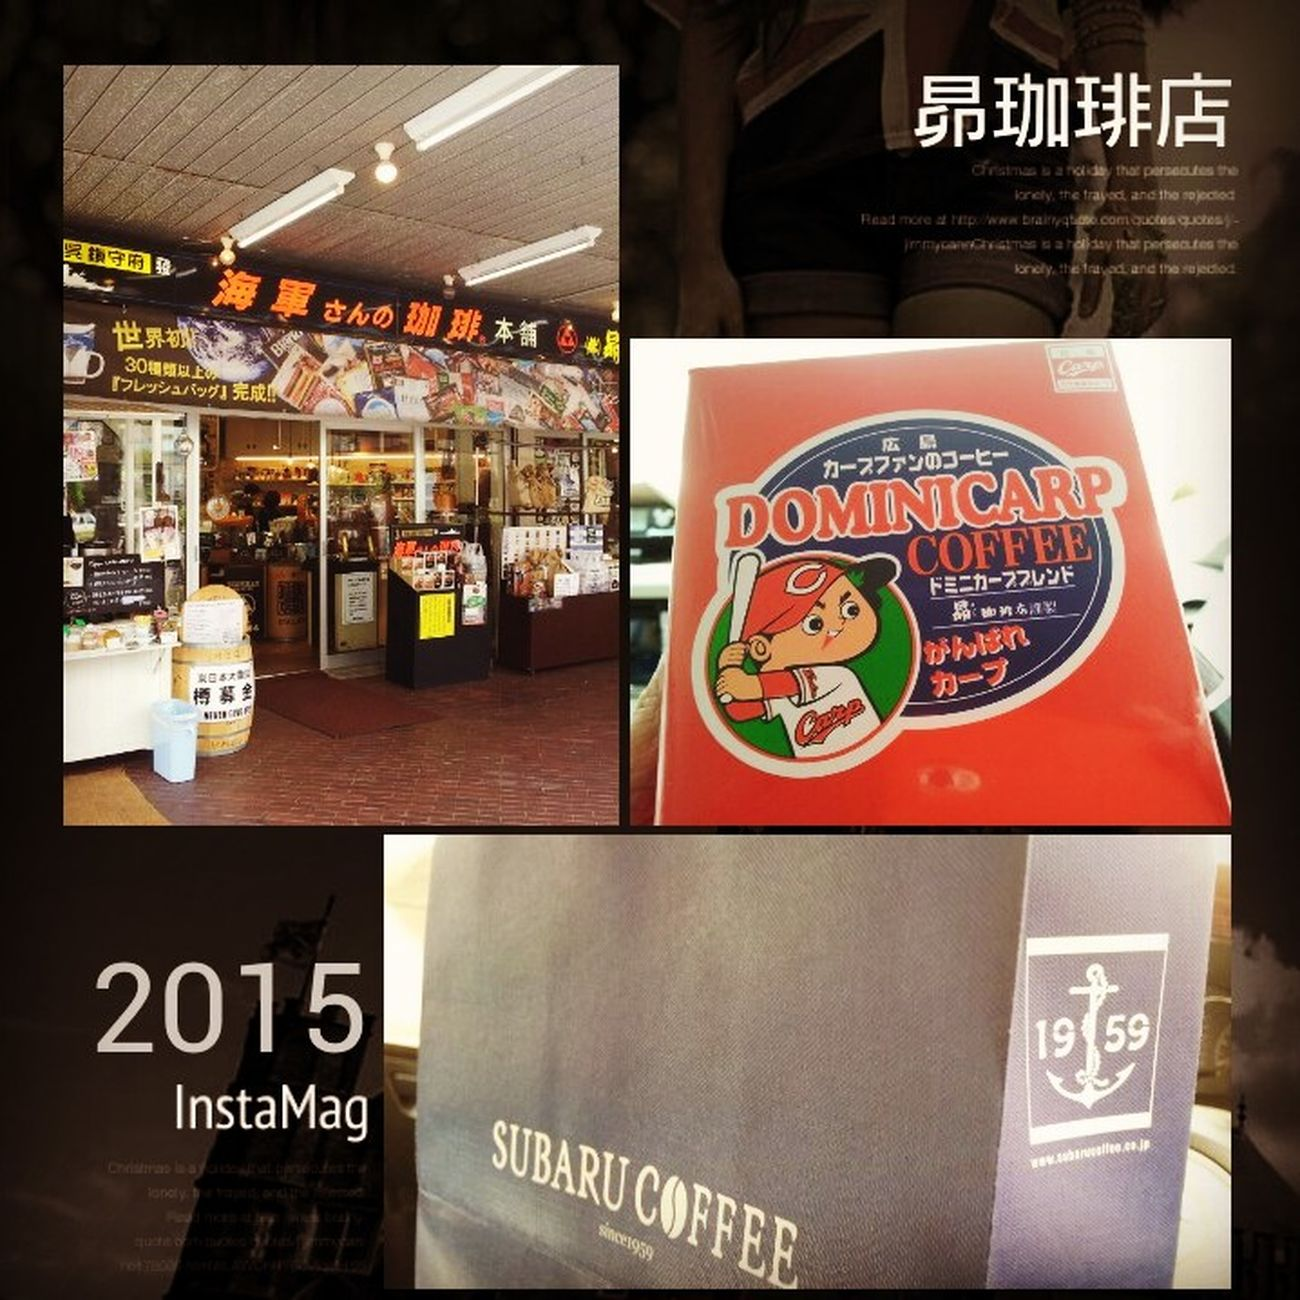 海軍さんの珈琲としてお馴染み、昴珈琲店。カープコーヒー!! Kure 呉 Coffee Shop 広島東洋カープ